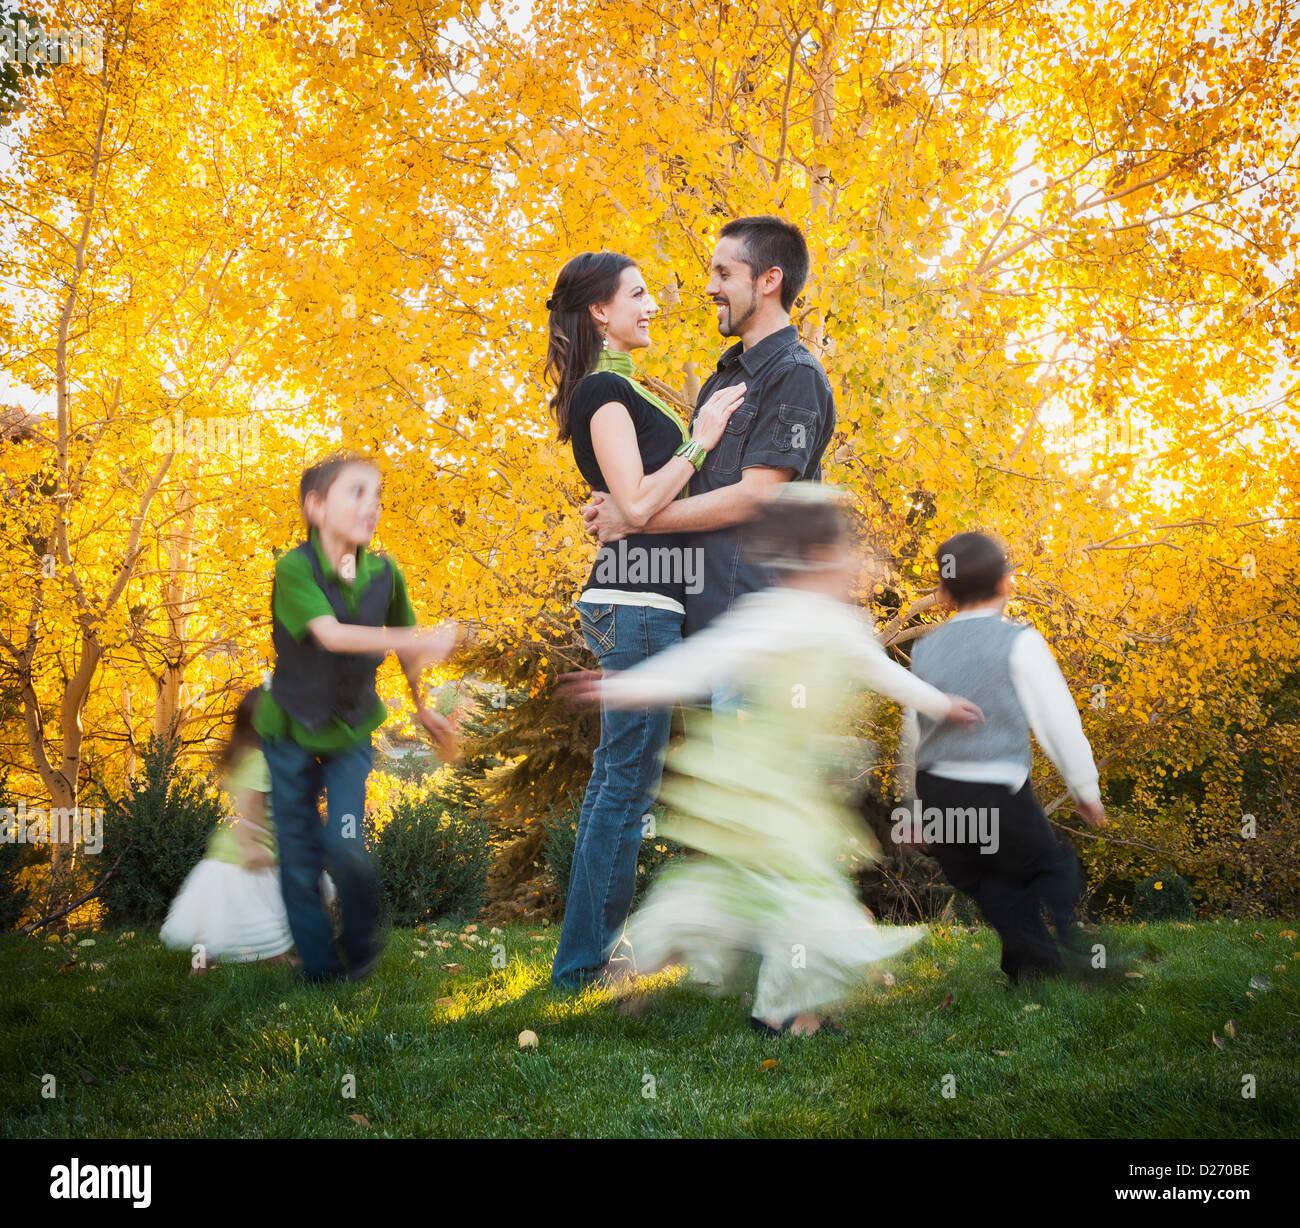 USA, Utah, Bountiful, Familie mit Kindern (2-3, 4-5, 6-7, 8-9) tanzen im Garten im Herbst Stockfoto